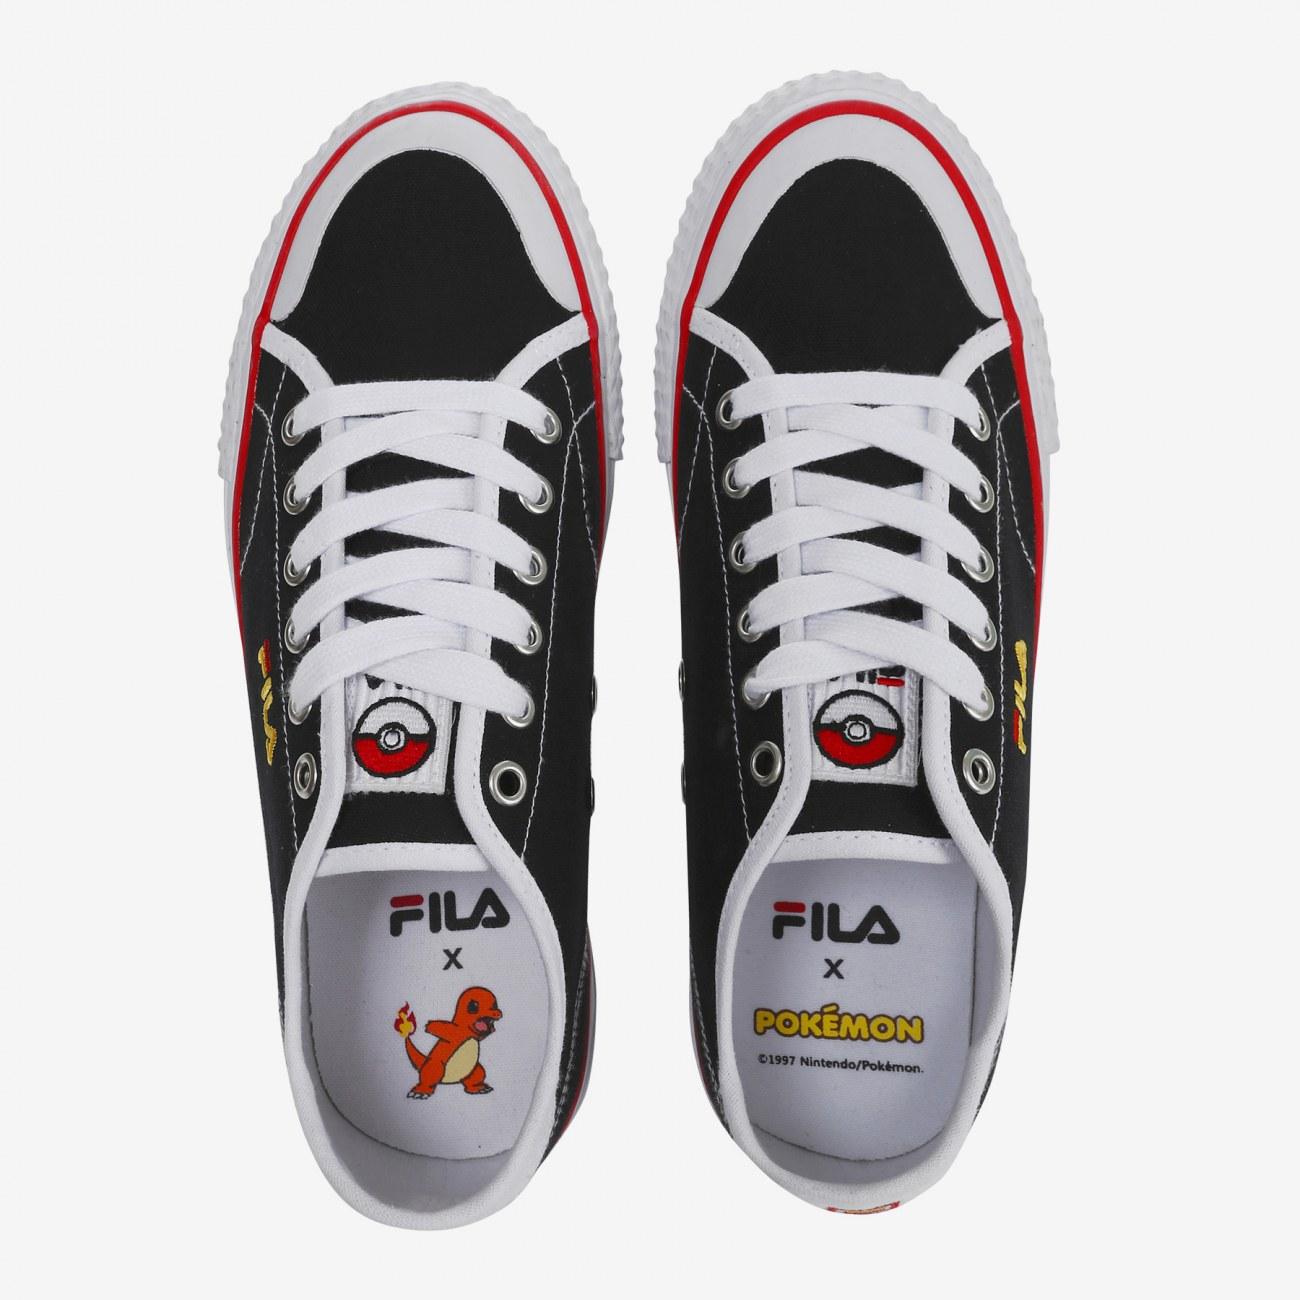 1940214388f Fila lance une nouvelle collection de souliers Pokémon - GeekQc.ca